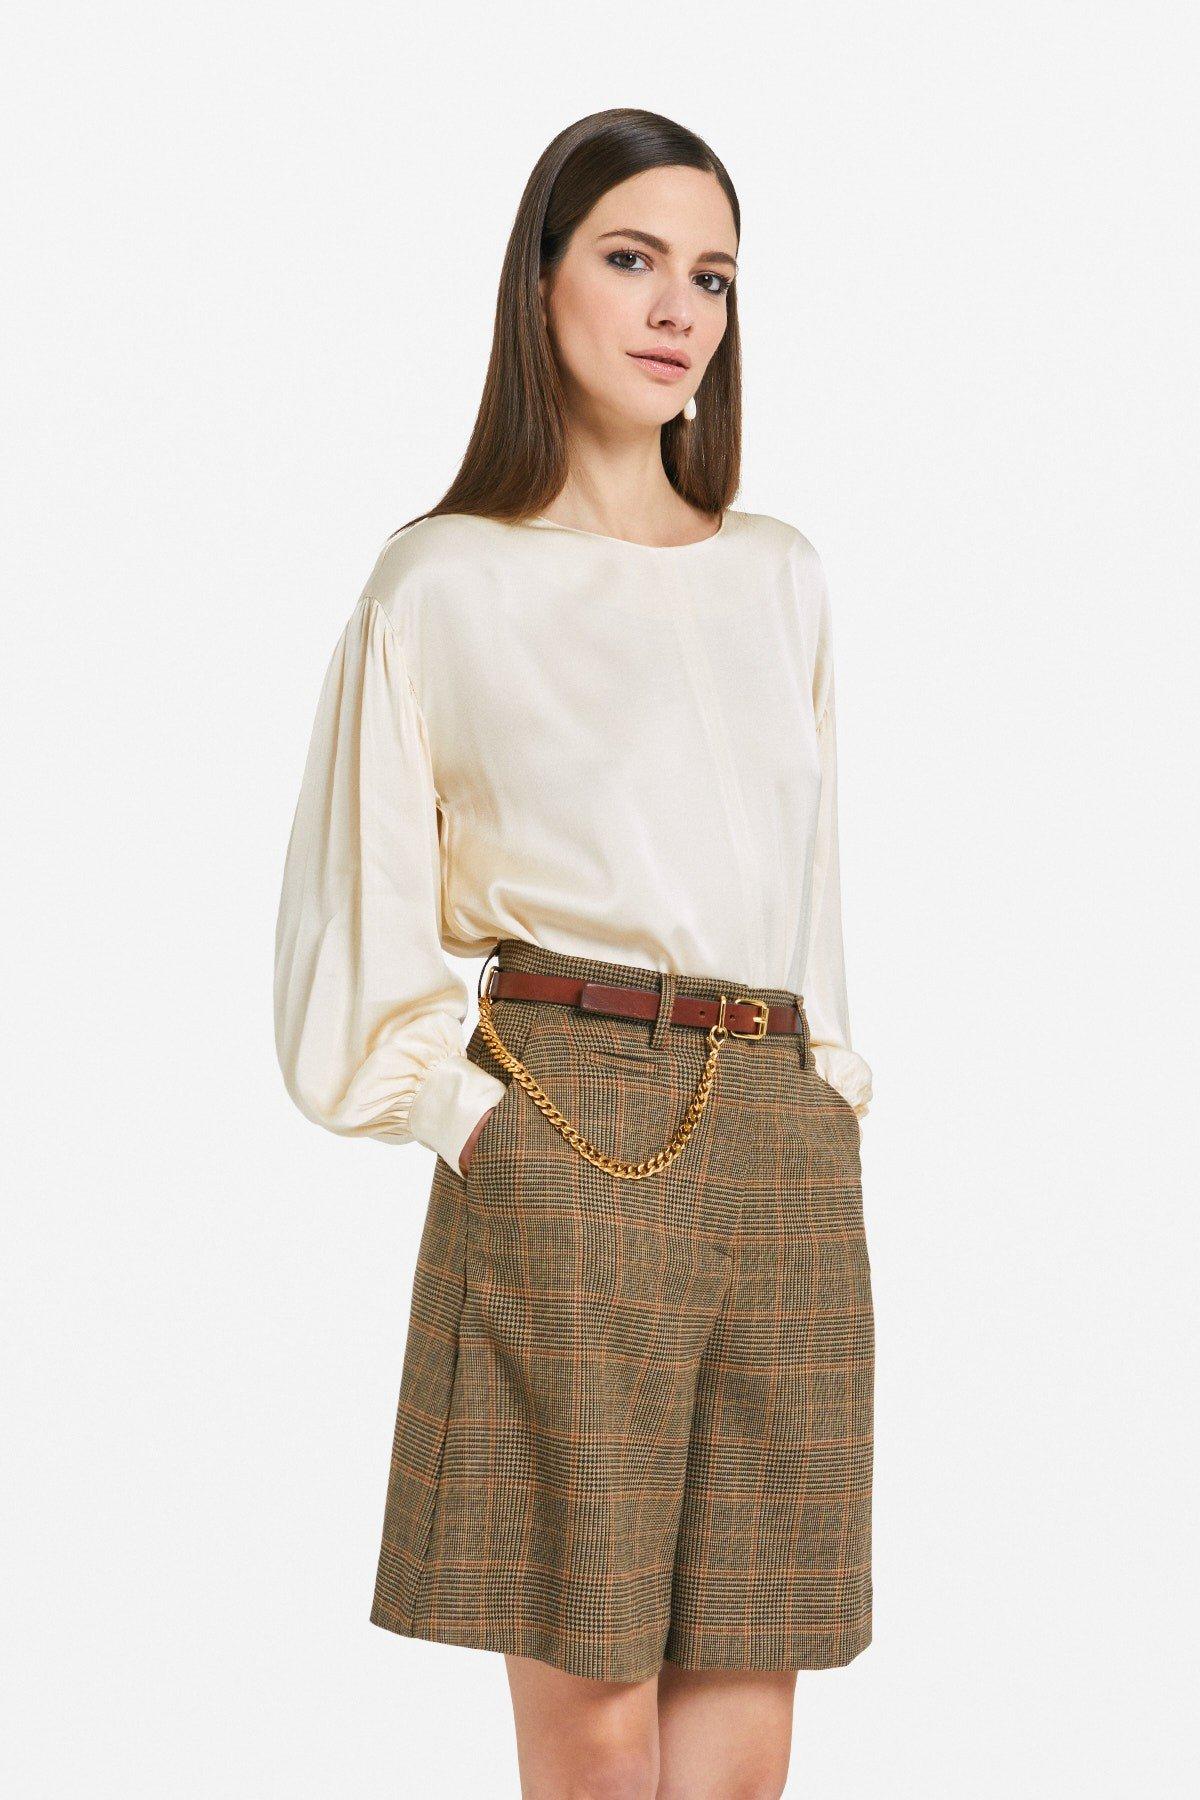 Viscose sweater with round neckline